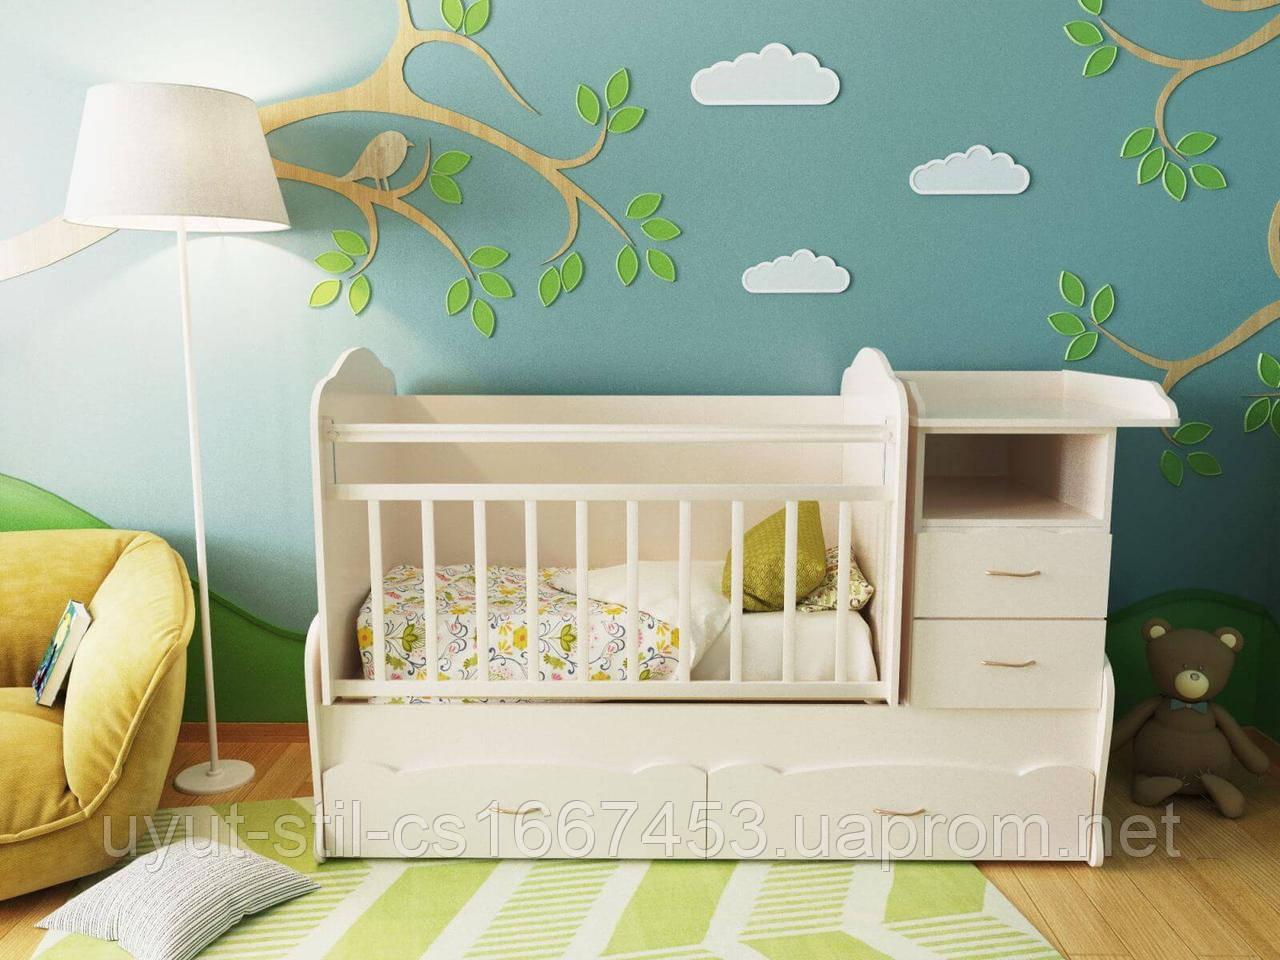 Детская кроватка для новорожденного ДМ-043.